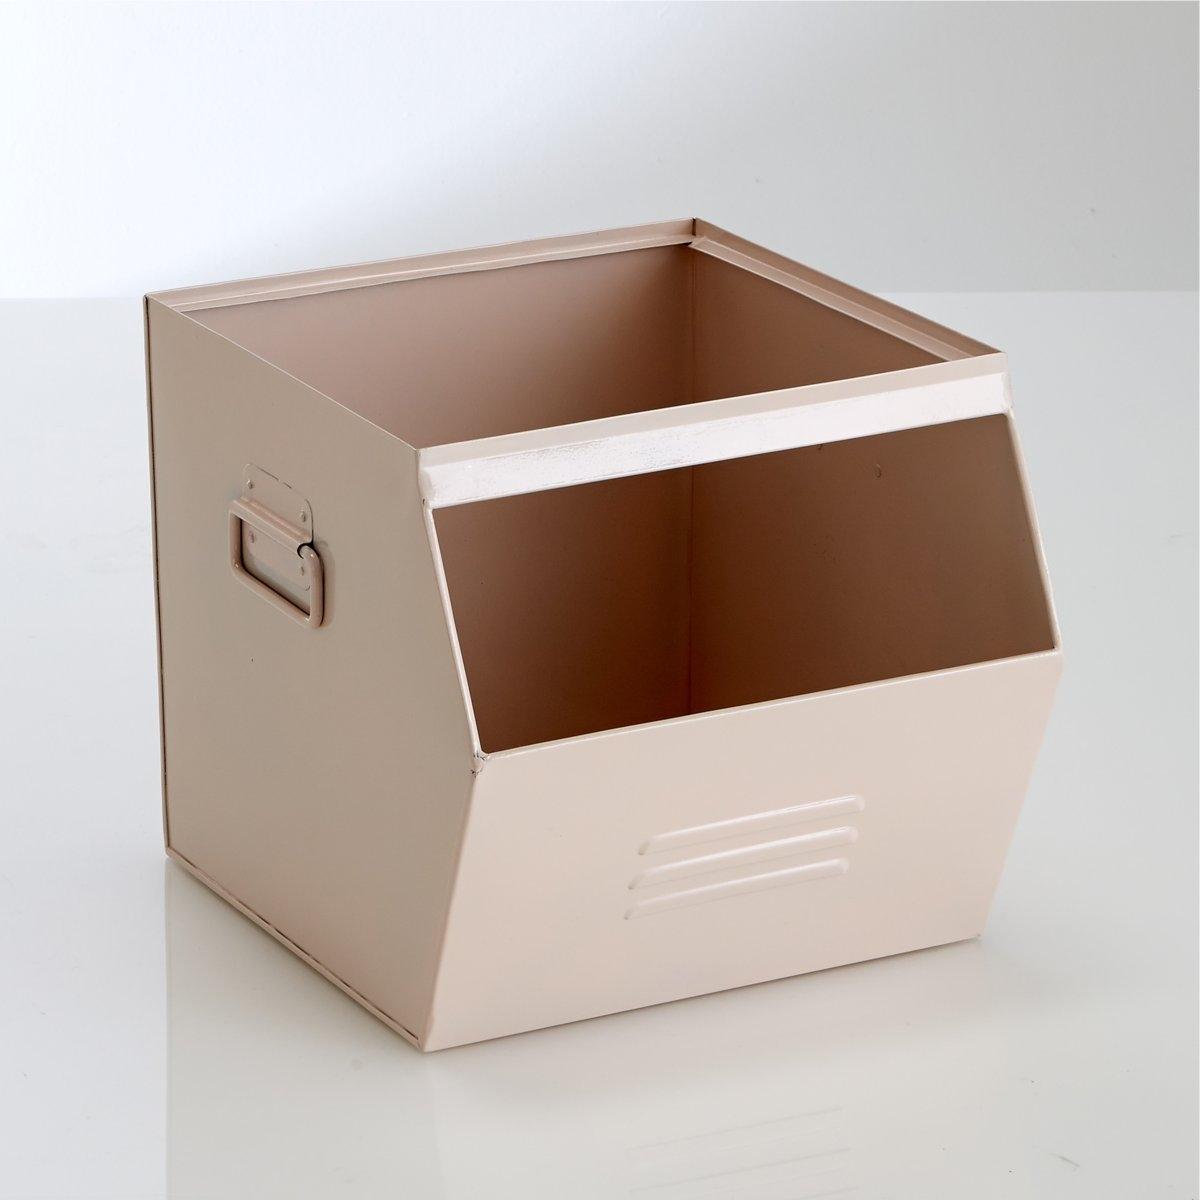 Ящик из гальванизированного металла, HibaДля версии серый металлик, эффект старины делает каждое изделие уникальным . Неоднородность, которая может проявиться, подчеркивает аутентичность изделия .  Описание ящика Hiba Ручки сбоку .Отделение для этикеток сбоку .Характеристики ящика HibaГальванизированный металл, покрытый эпоксидной краской .Ящик Hiba поставляется в собранном виде .Найдите другую мебель и модели из коллекции Hiba на нашем сайте ..Размеры ящика HibaШирина : 36 смВысота : 30 смГлубина : 33 см.<br><br>Цвет: розовый